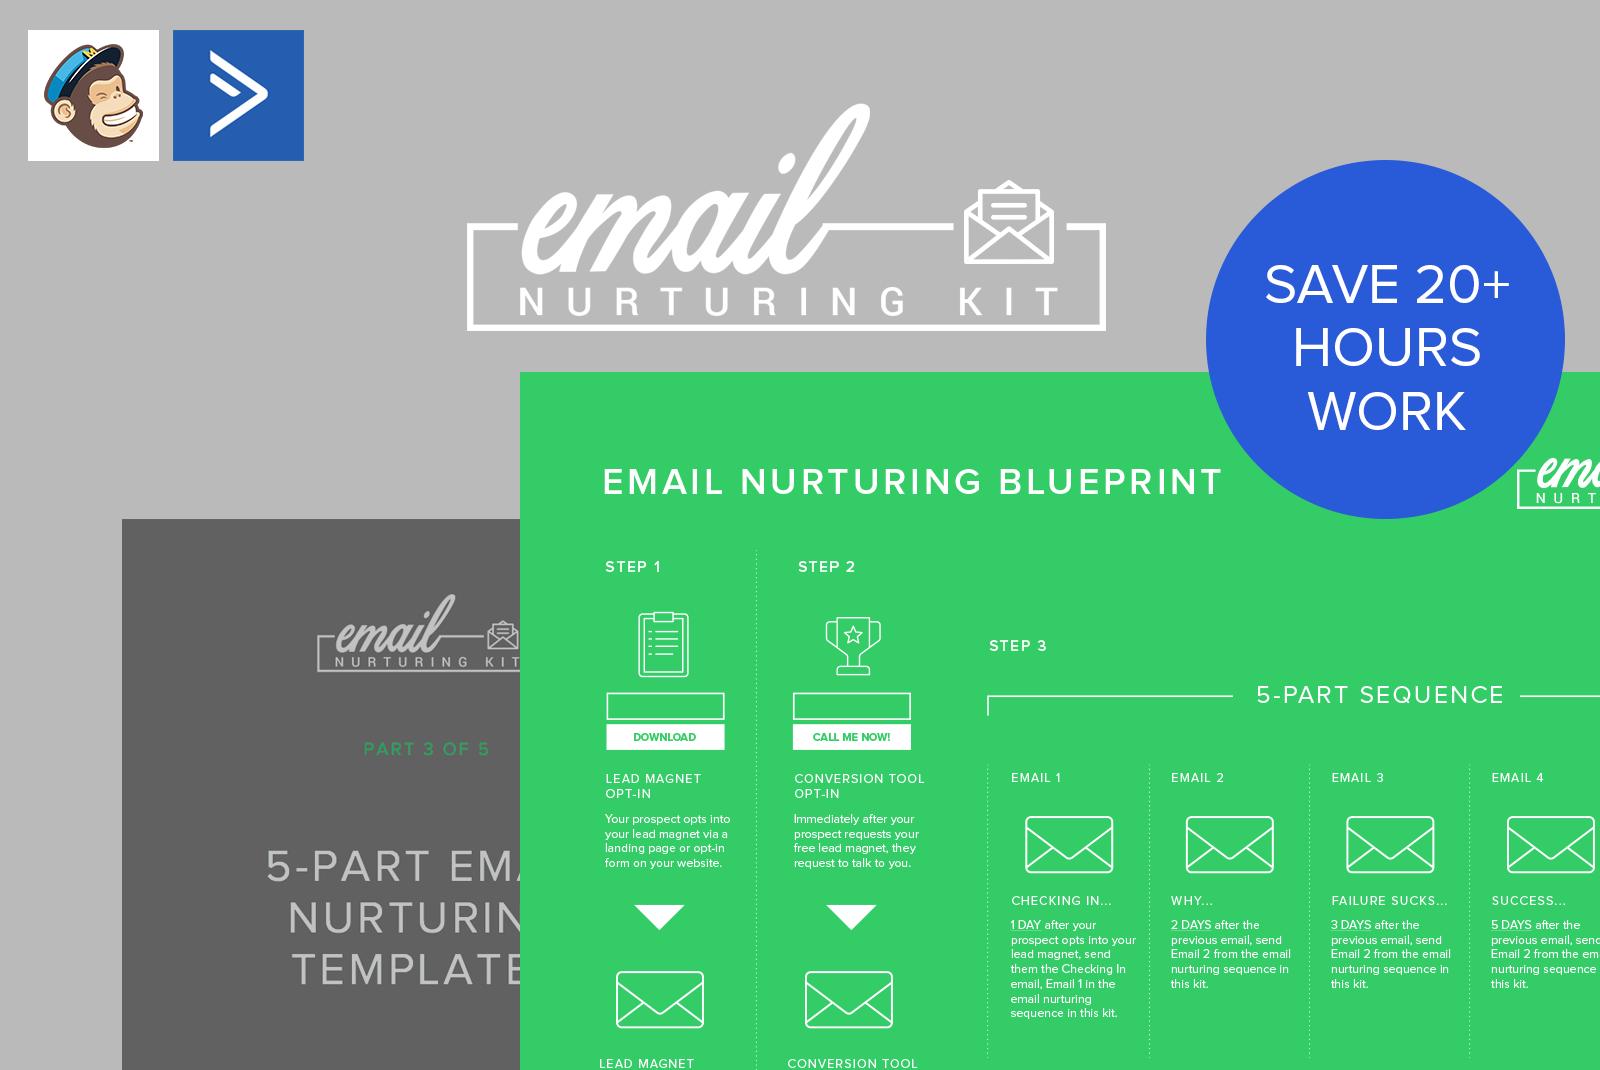 Email Nurturing Kit Overview